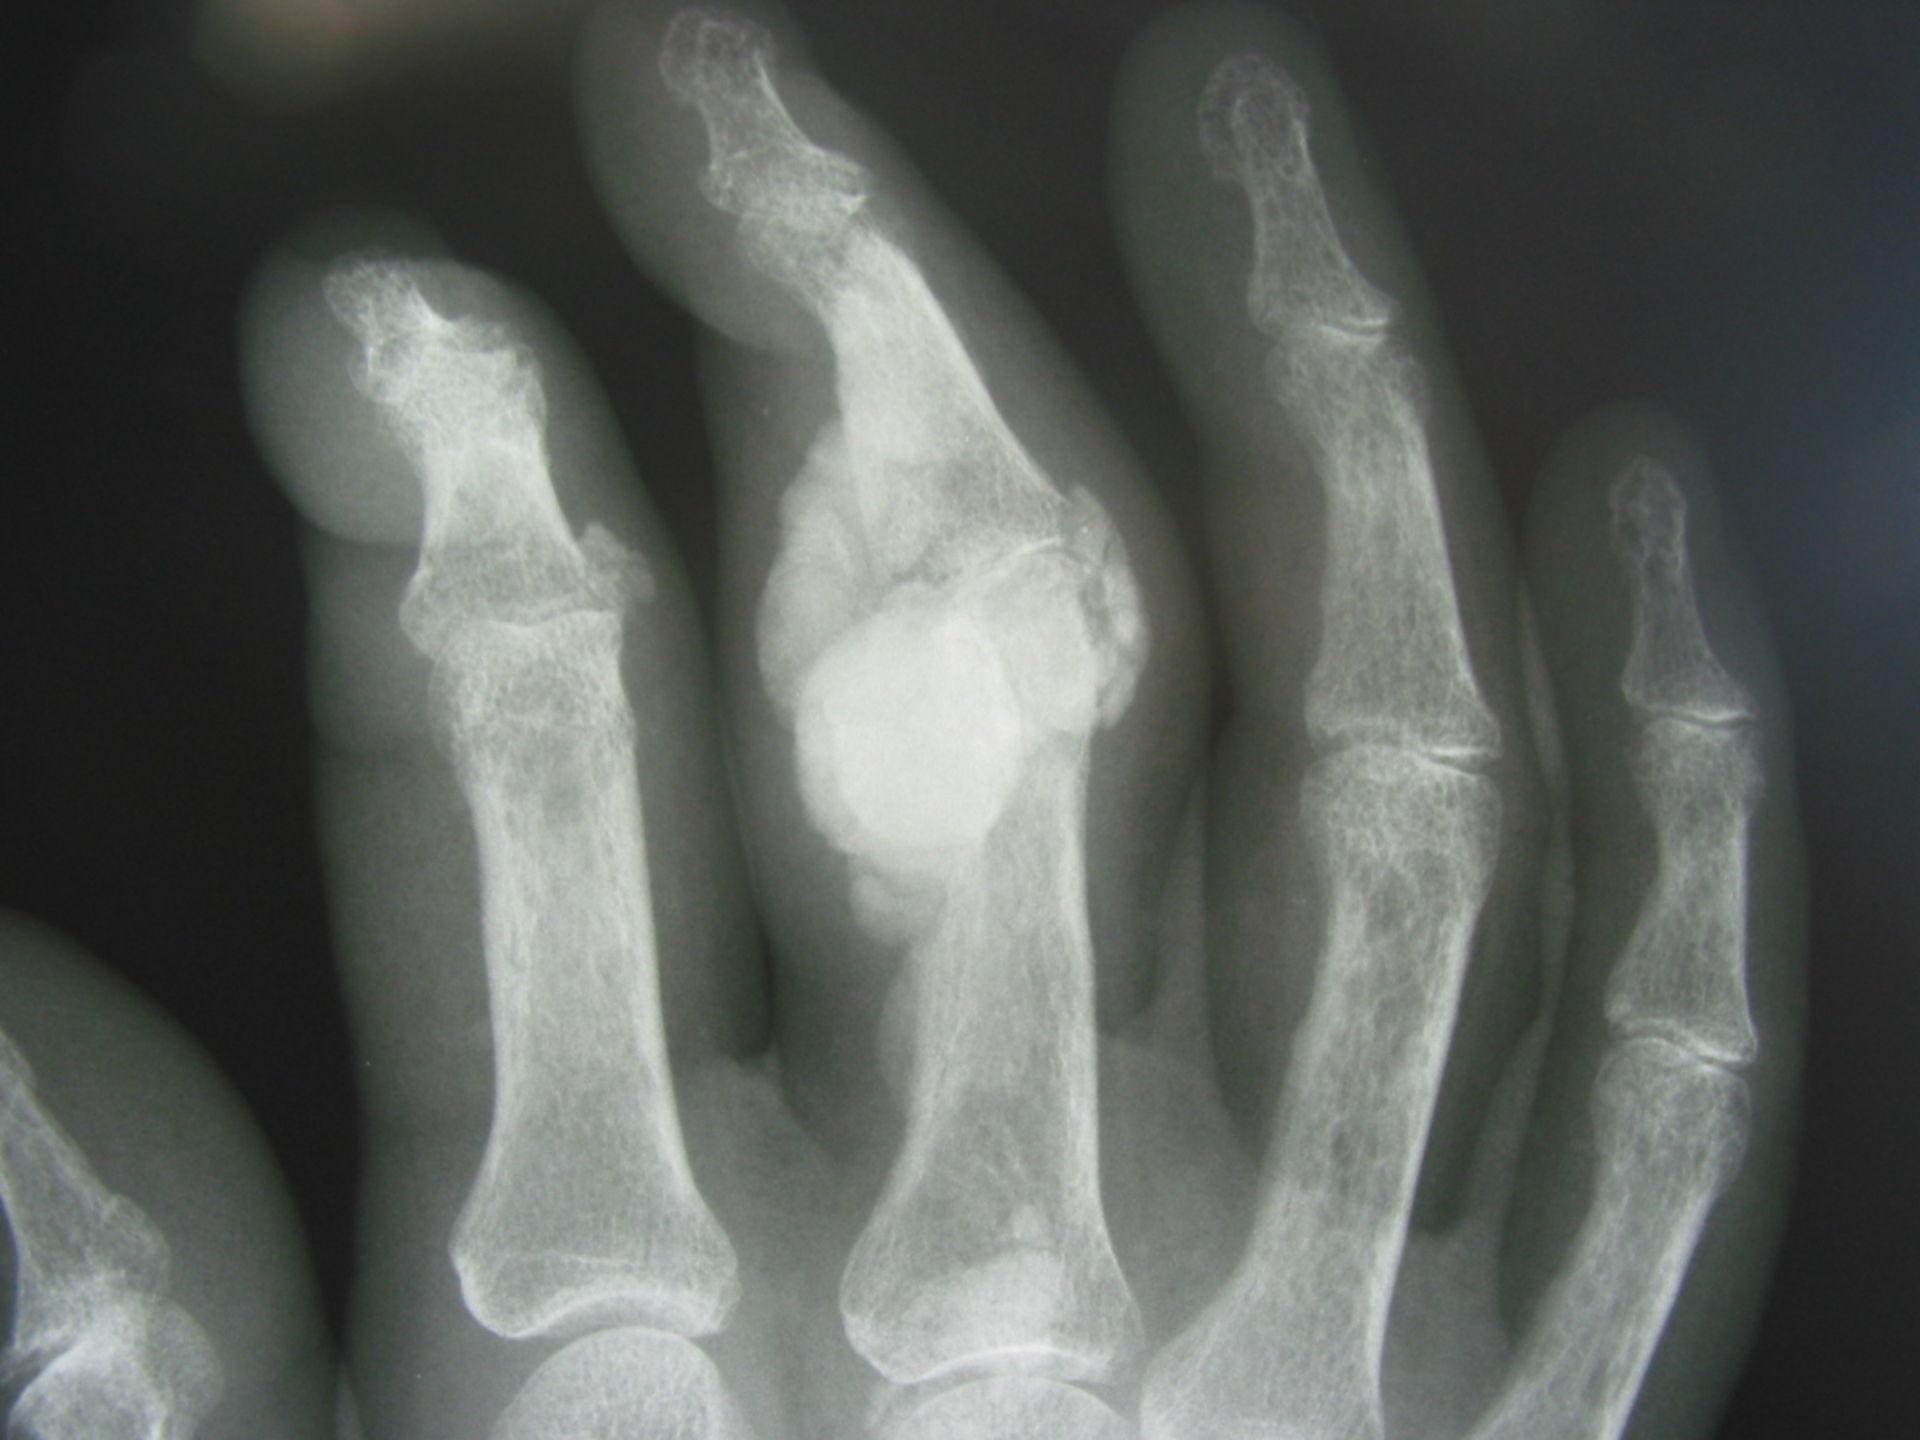 Gicht Tophus Finger